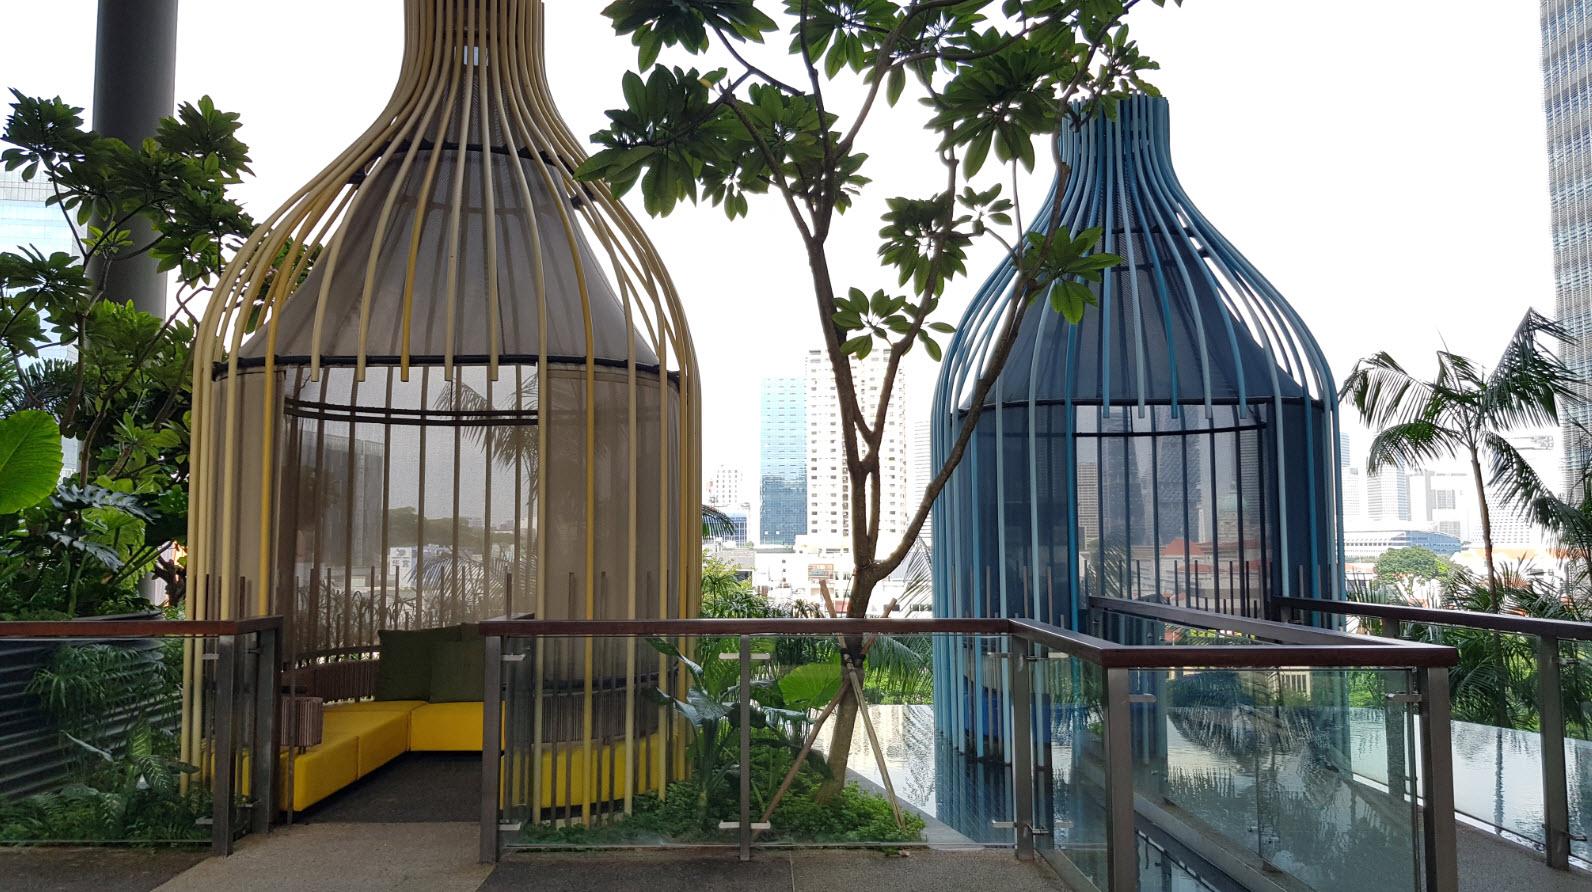 Piscine et hanging garden